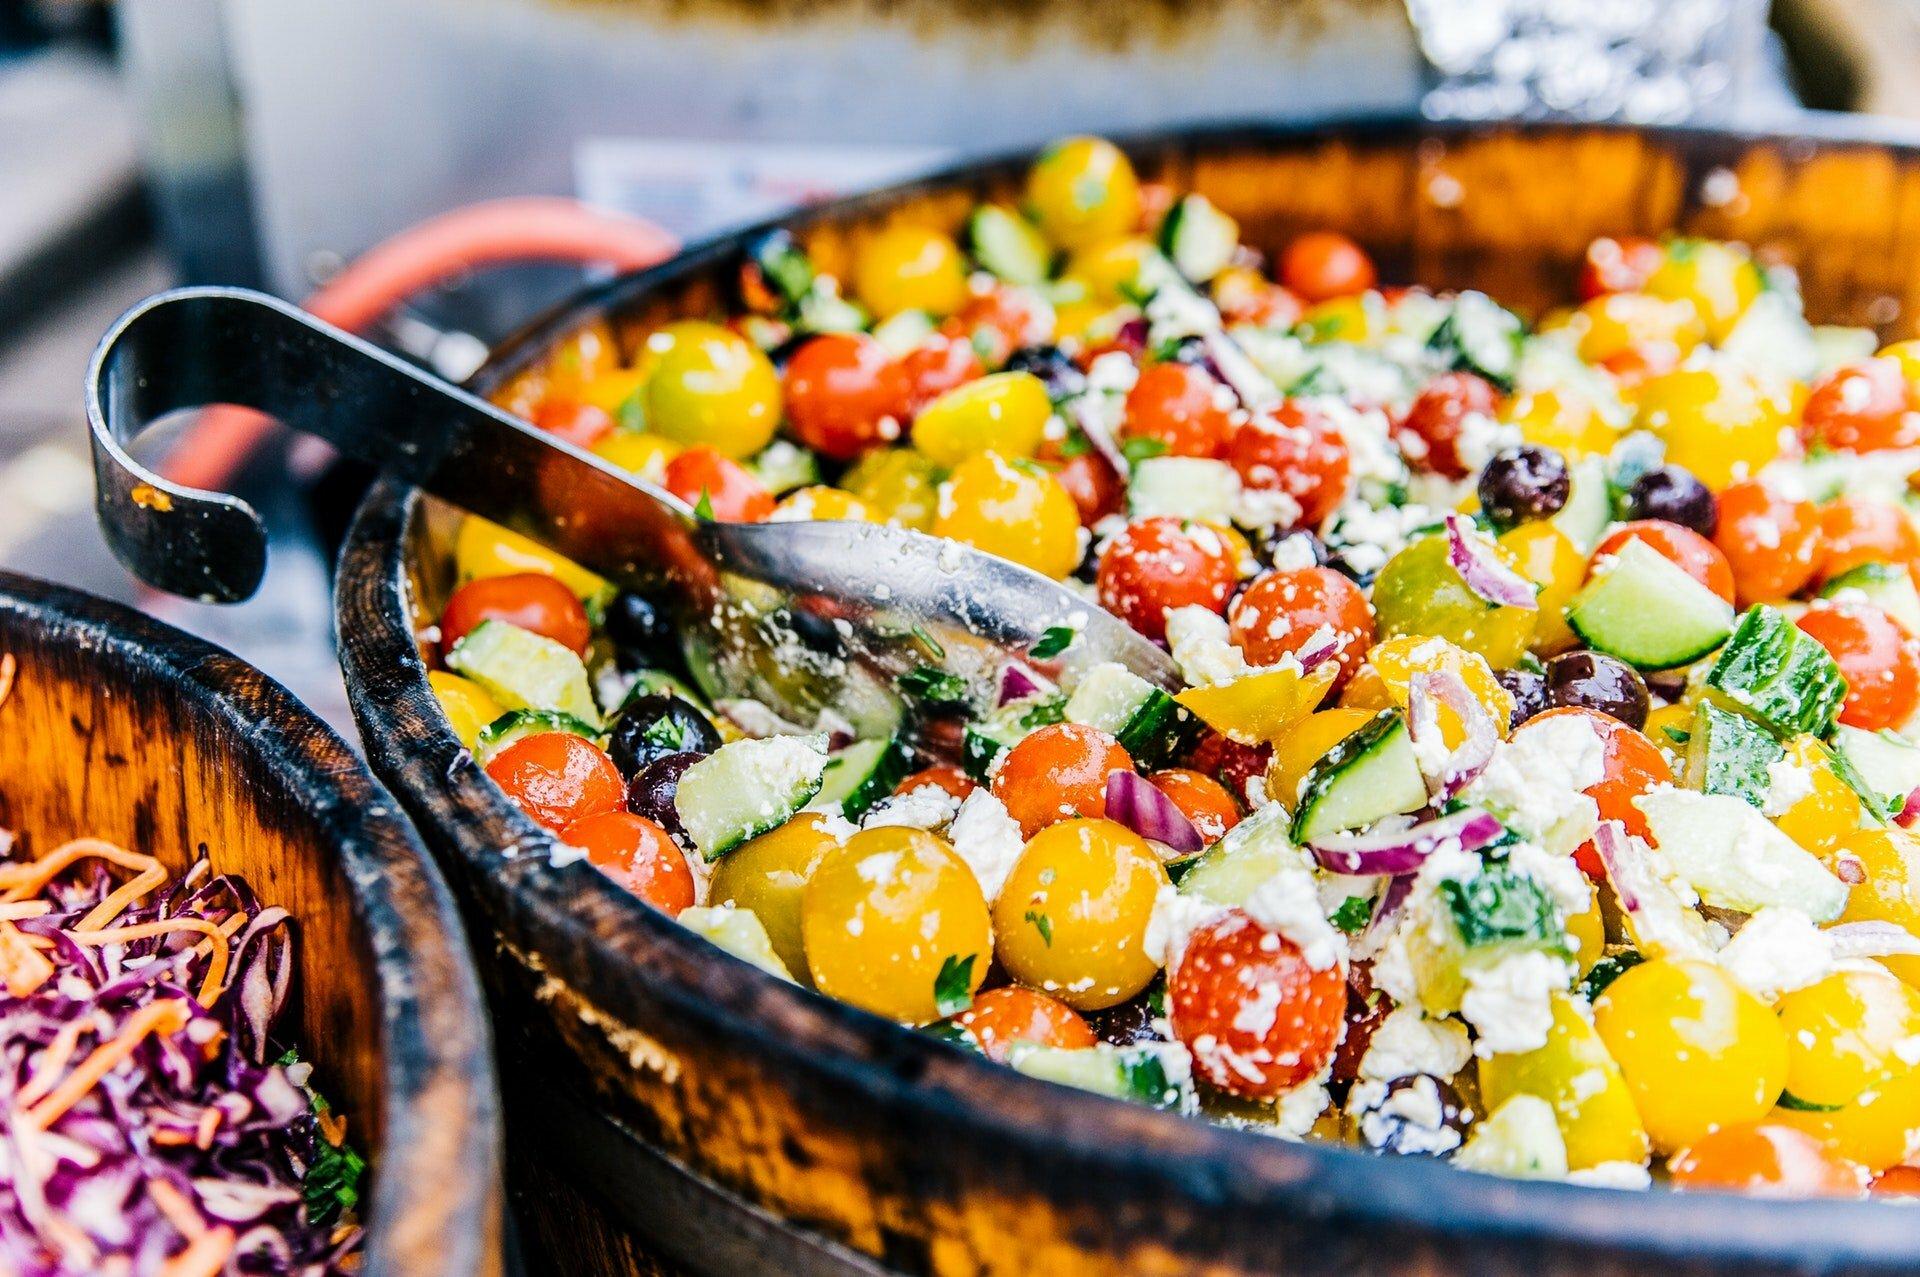 groenten koken